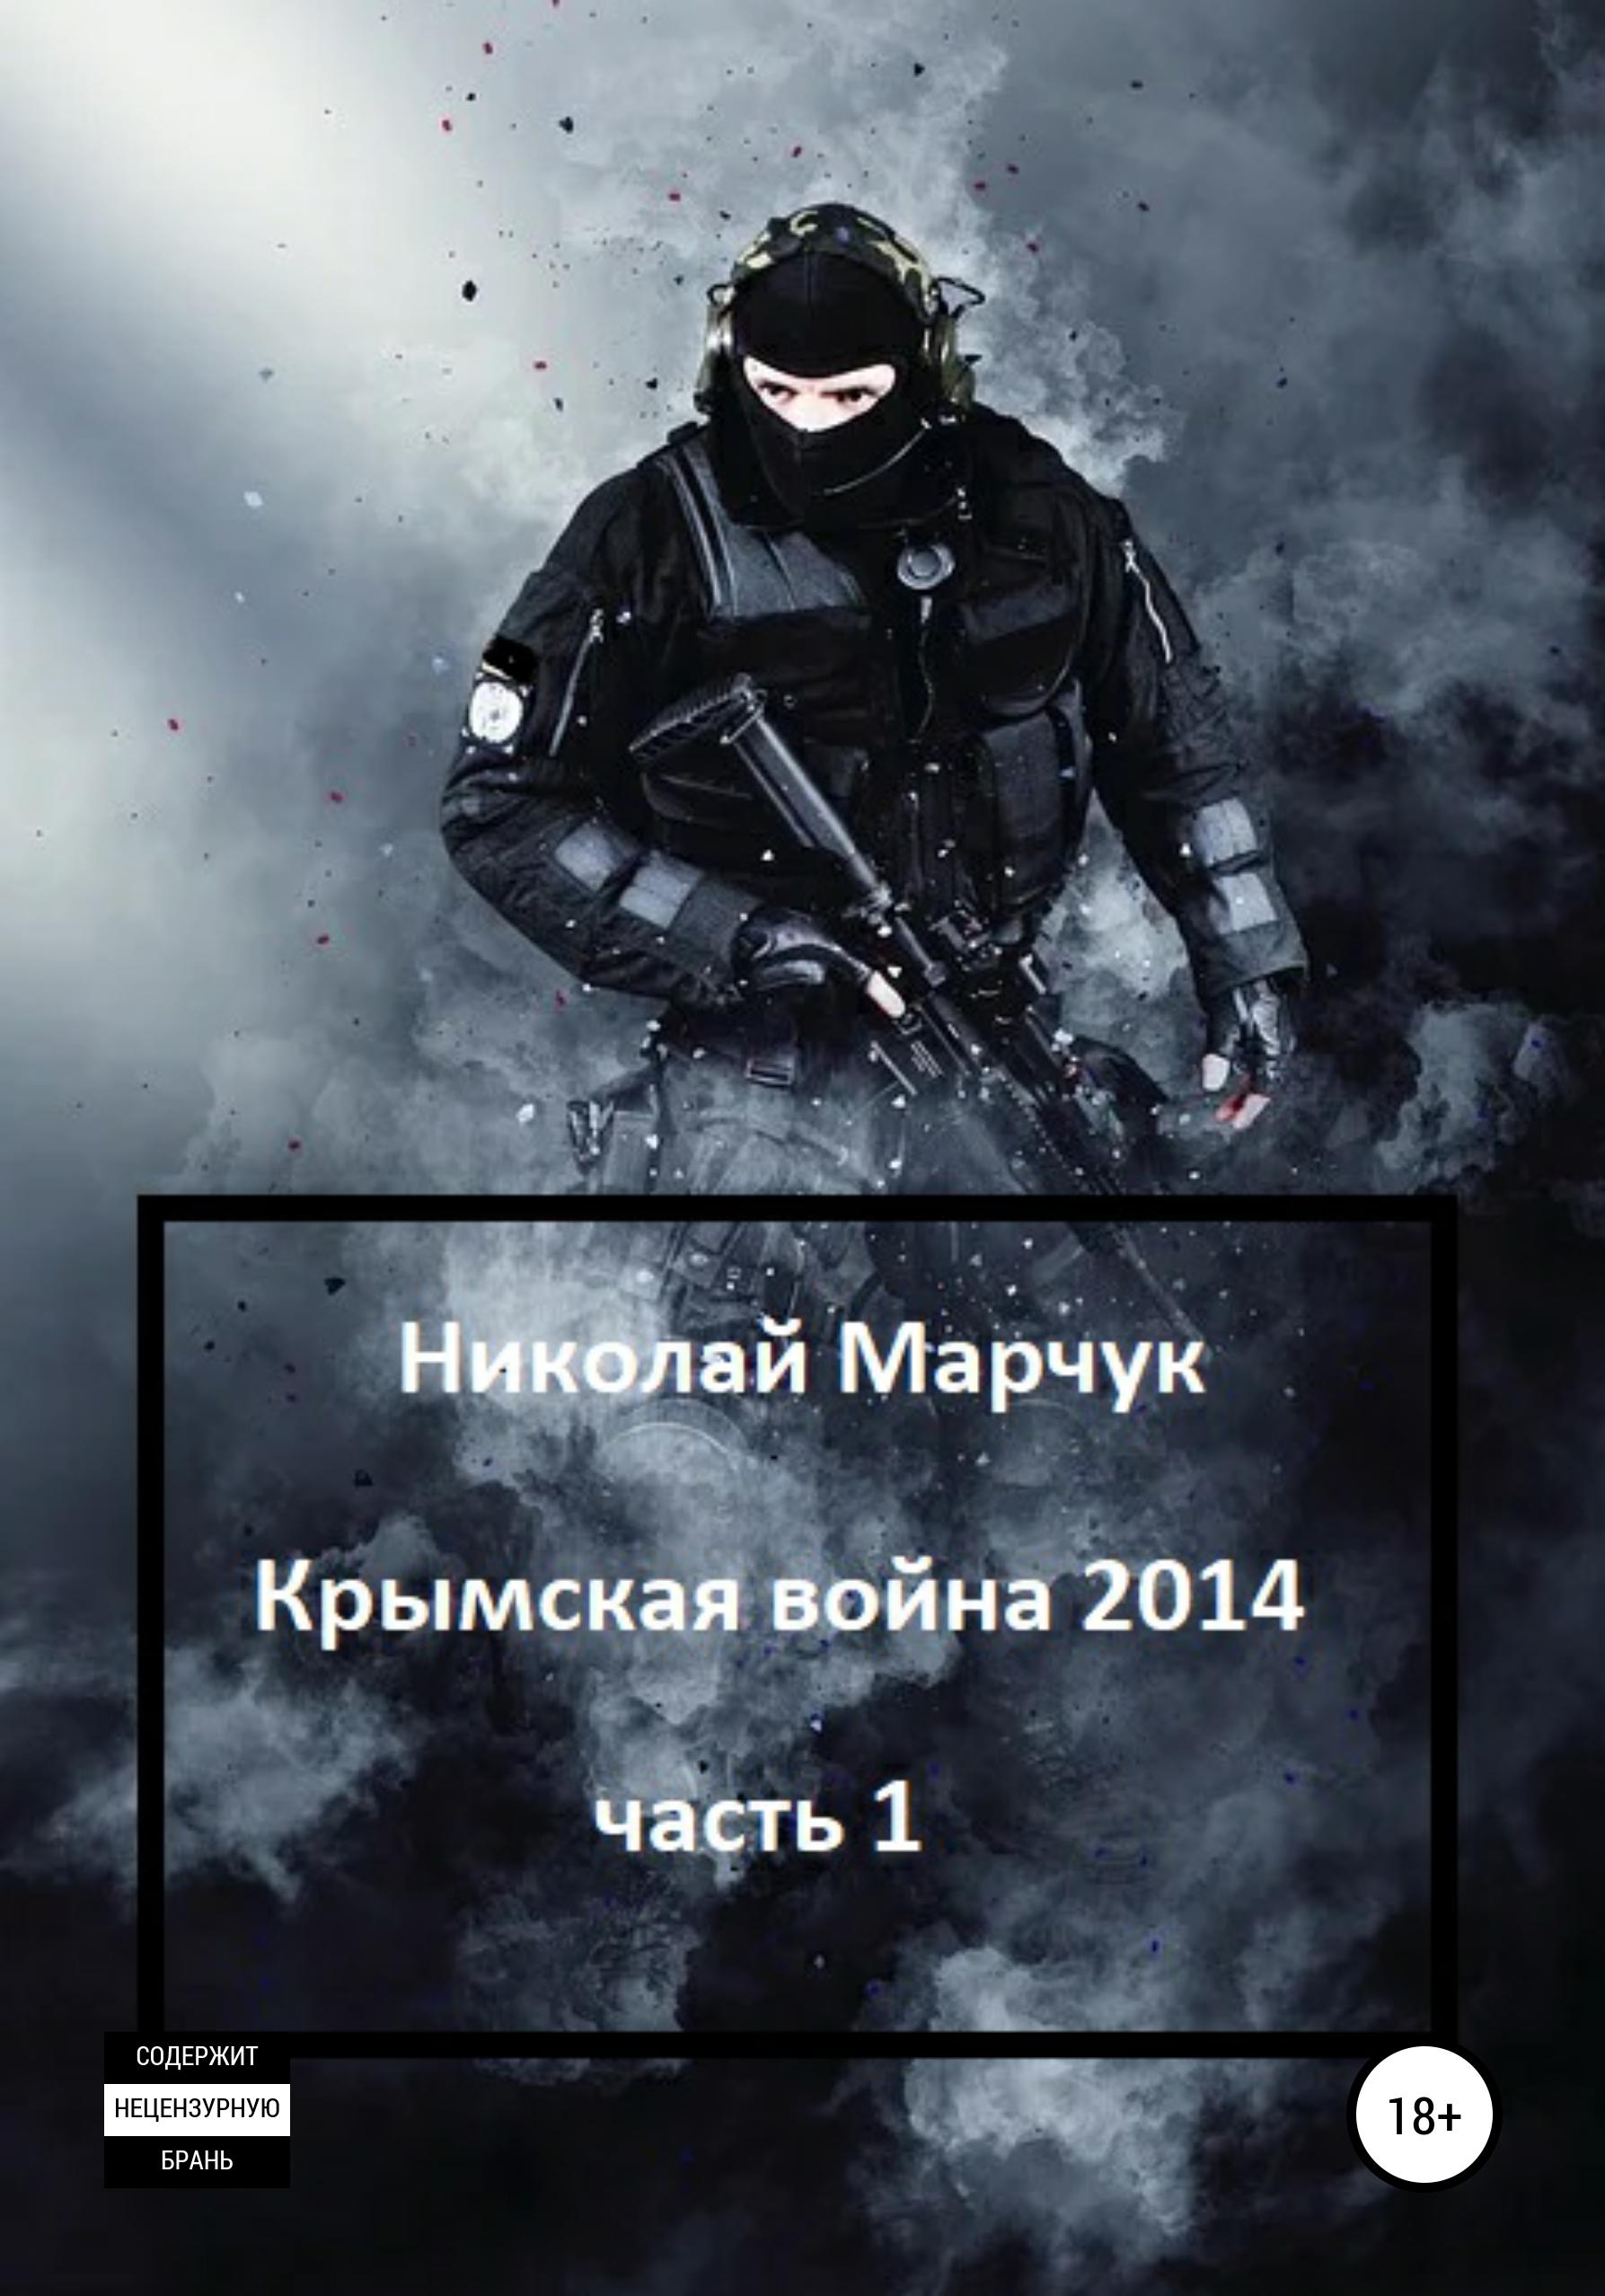 Николай Марчук Крымская война 2014. Часть 1 раков николай война теней роман